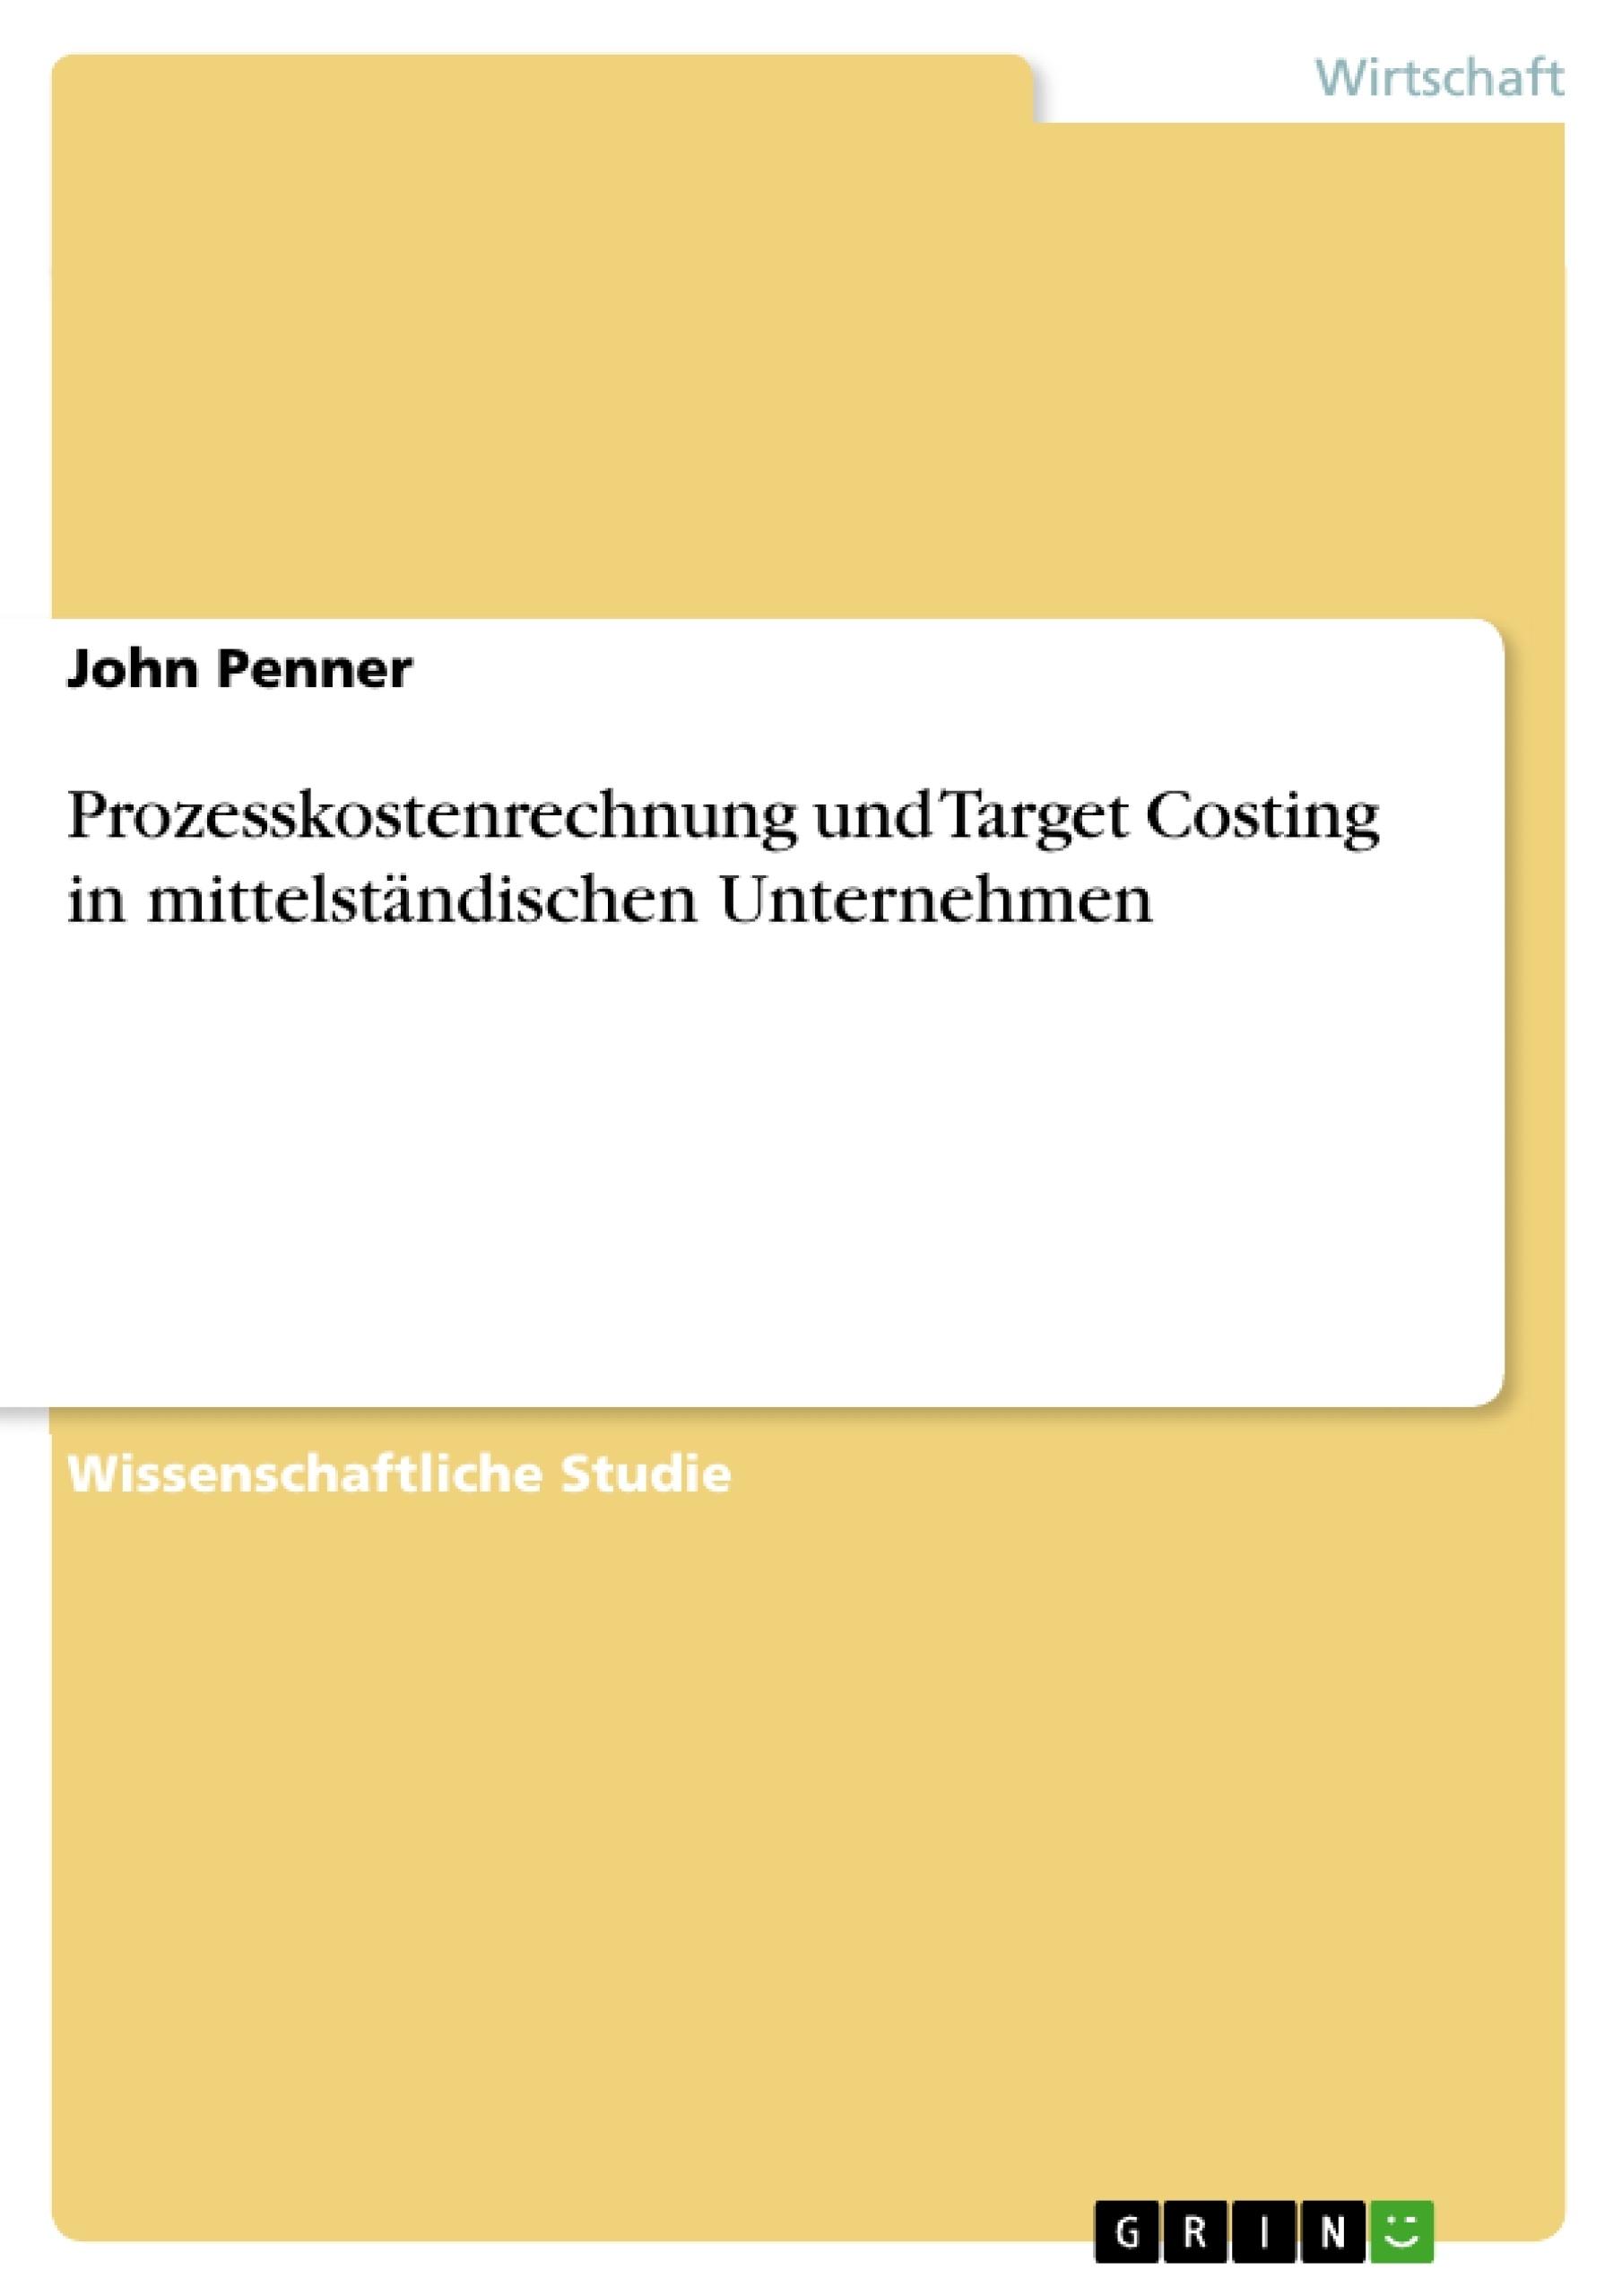 Titel: Prozesskostenrechnung und Target Costing in mittelständischen Unternehmen